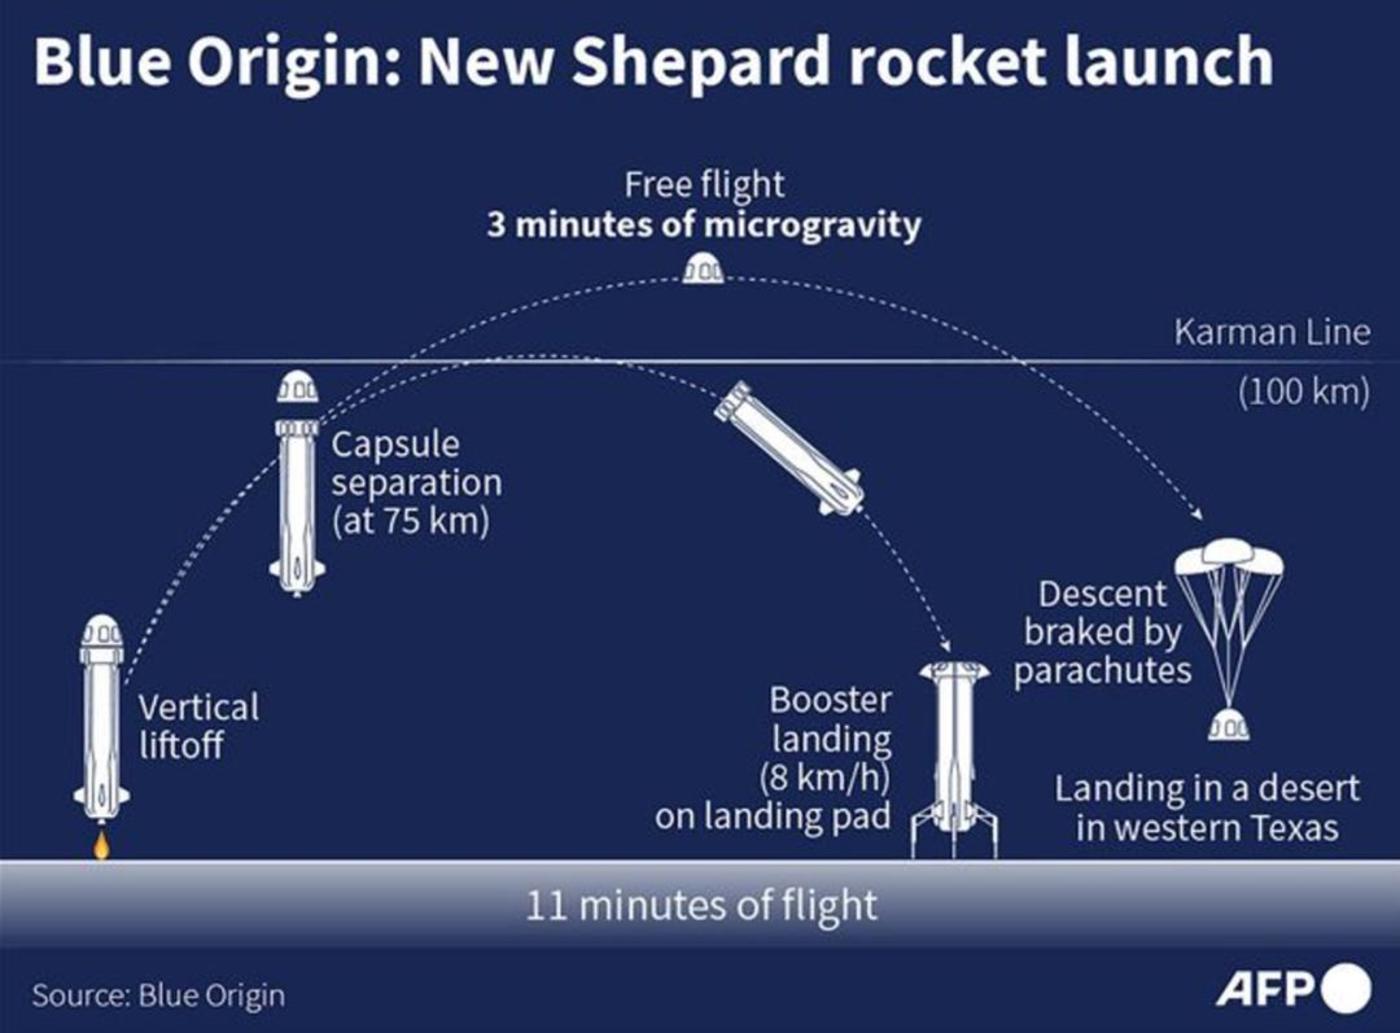 飞船飞行轨迹模拟图